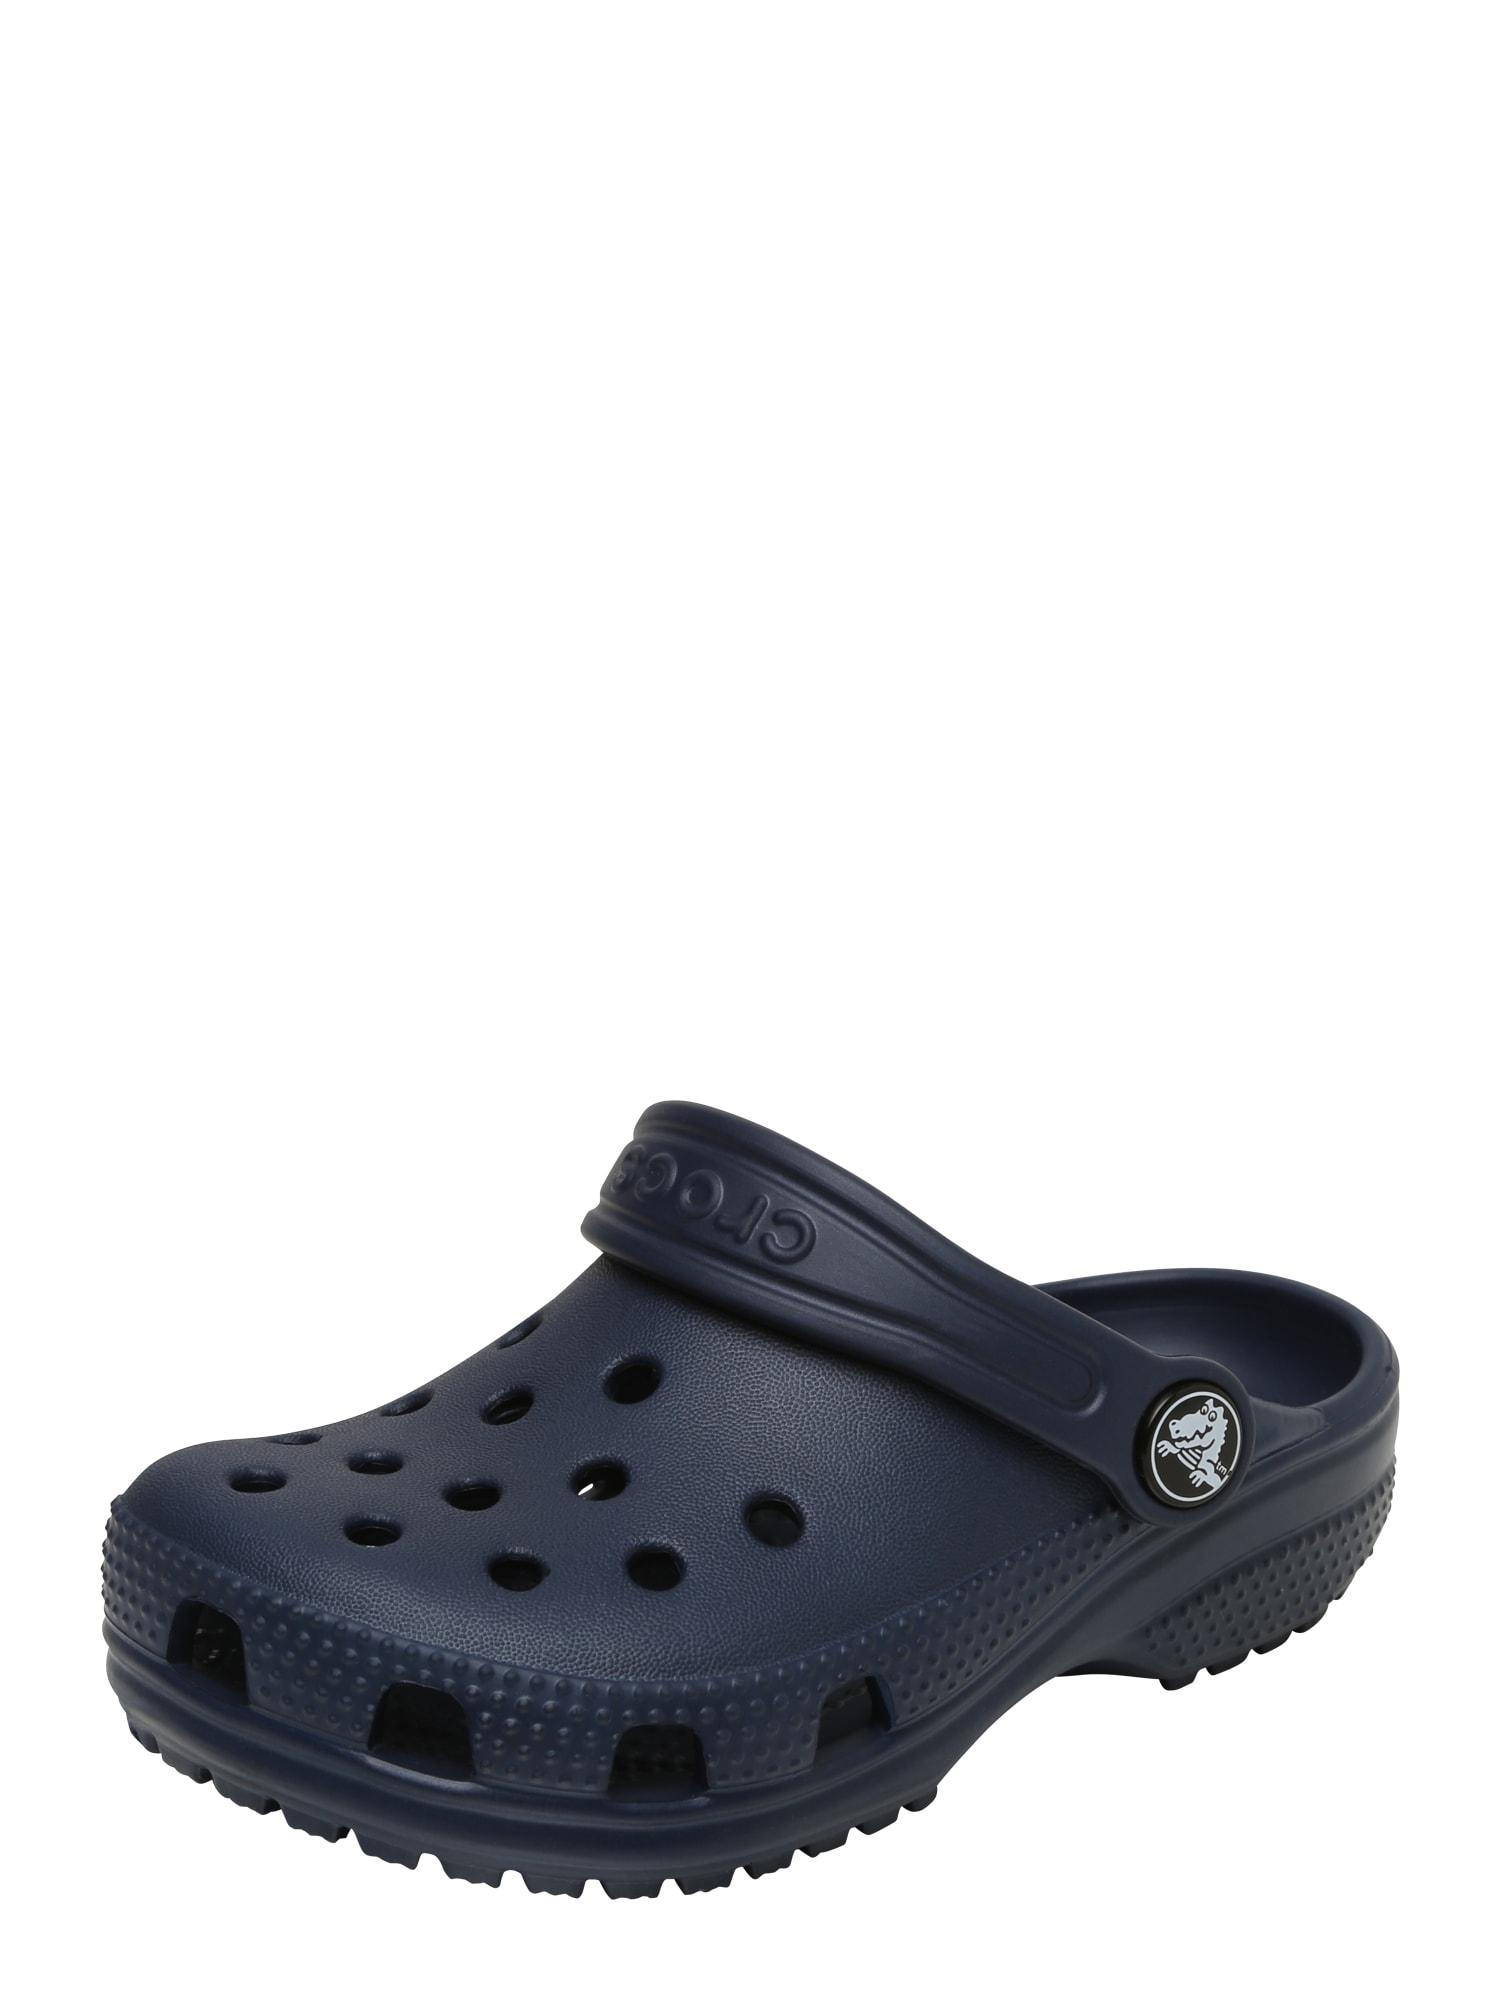 Otevřená obuv Classic K kobaltová modř Crocs